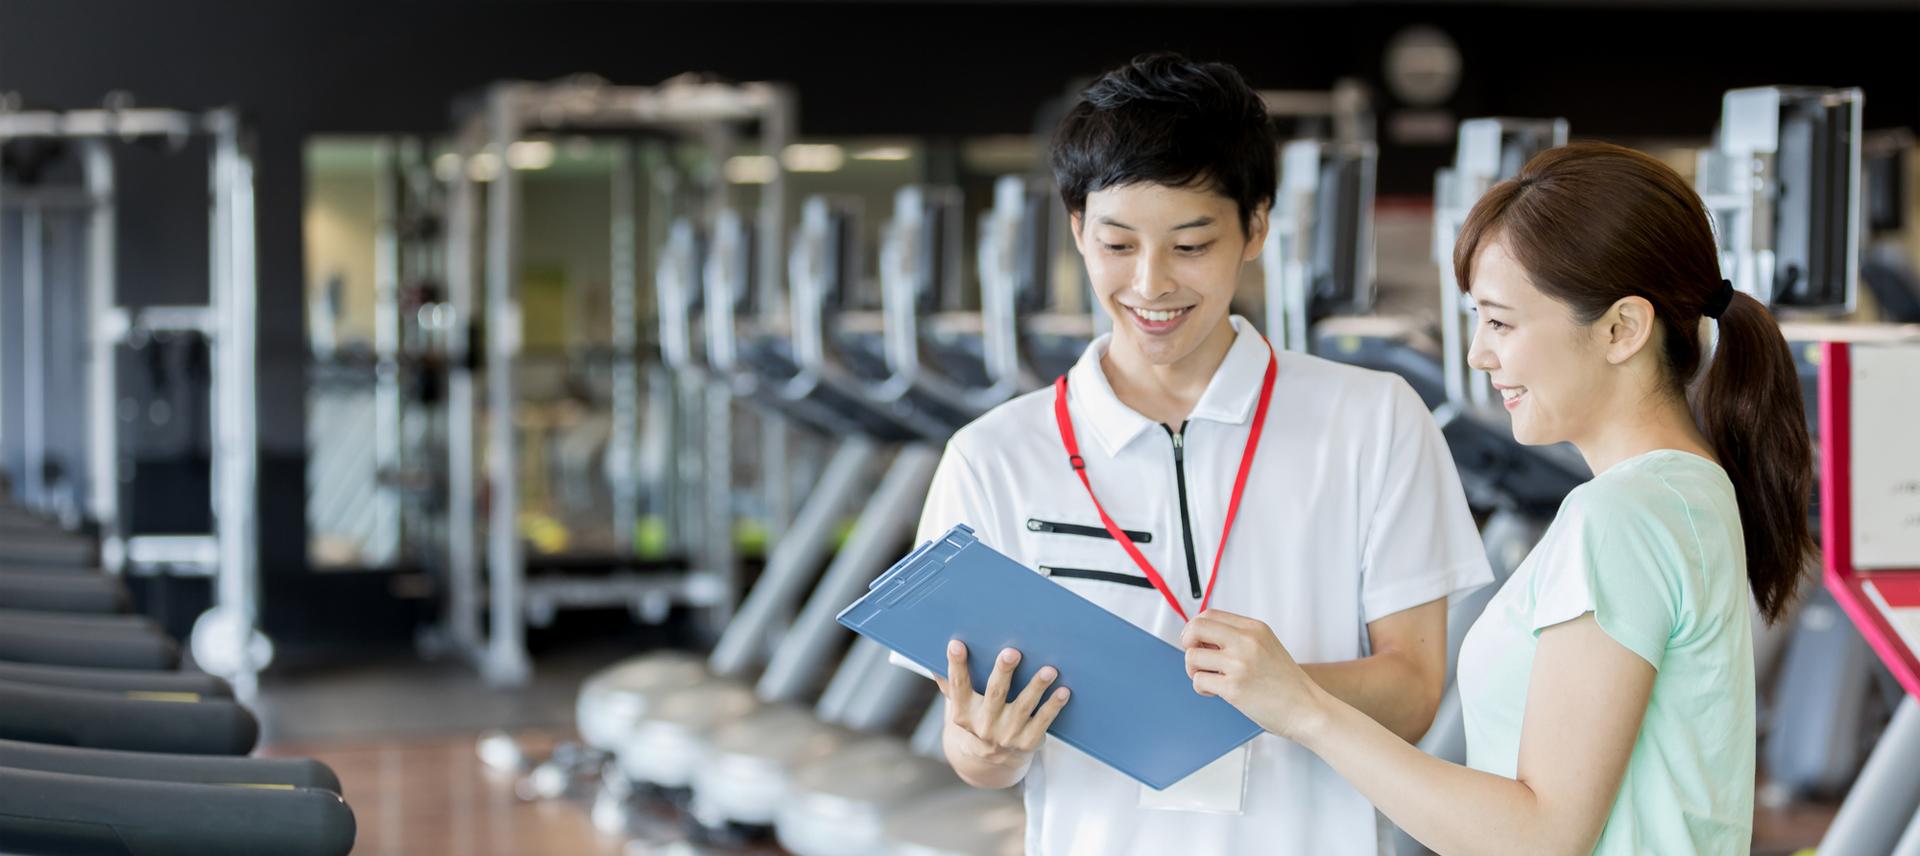 スポーツ・フィットネス業界の就職・転職に強い求人サイト「マイトレJOB」